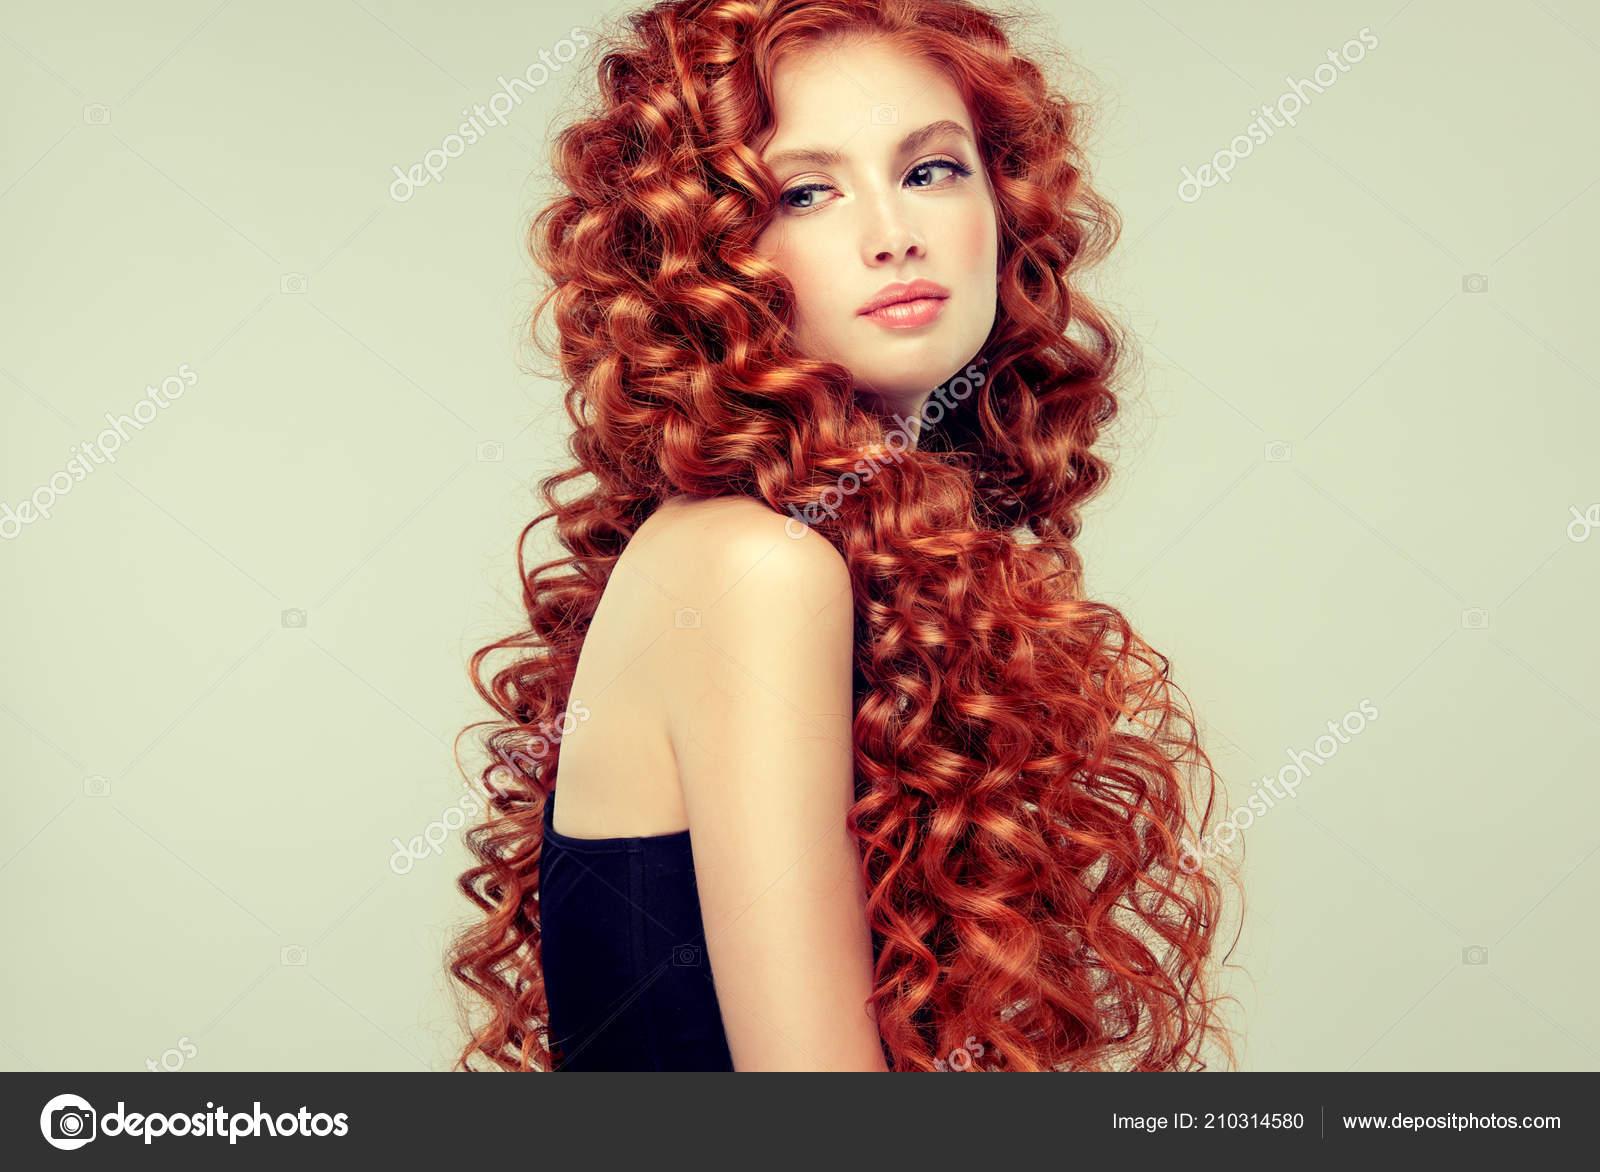 Piękny Model Dziewczyna Rude Kręcone Włosy Młoda Kobieta